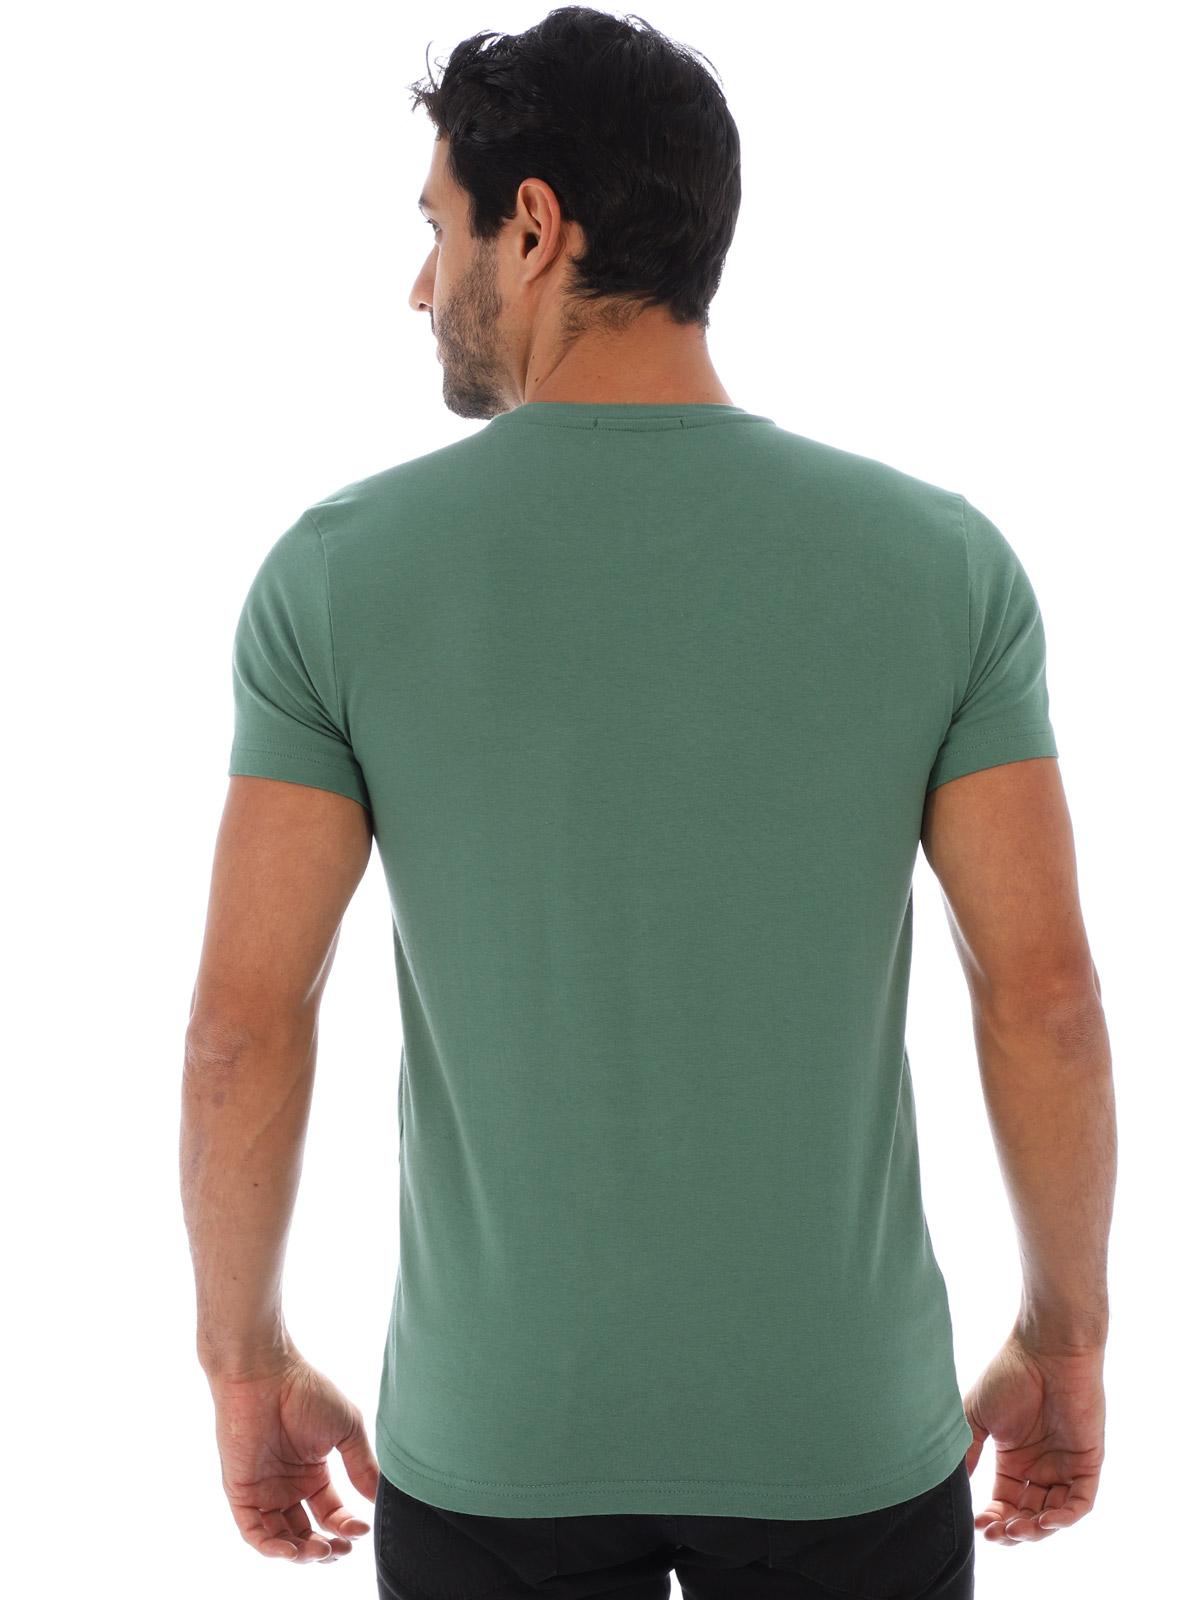 Camiseta Masculina Lisa Algodão Com Elastano Fit Verde Musgo